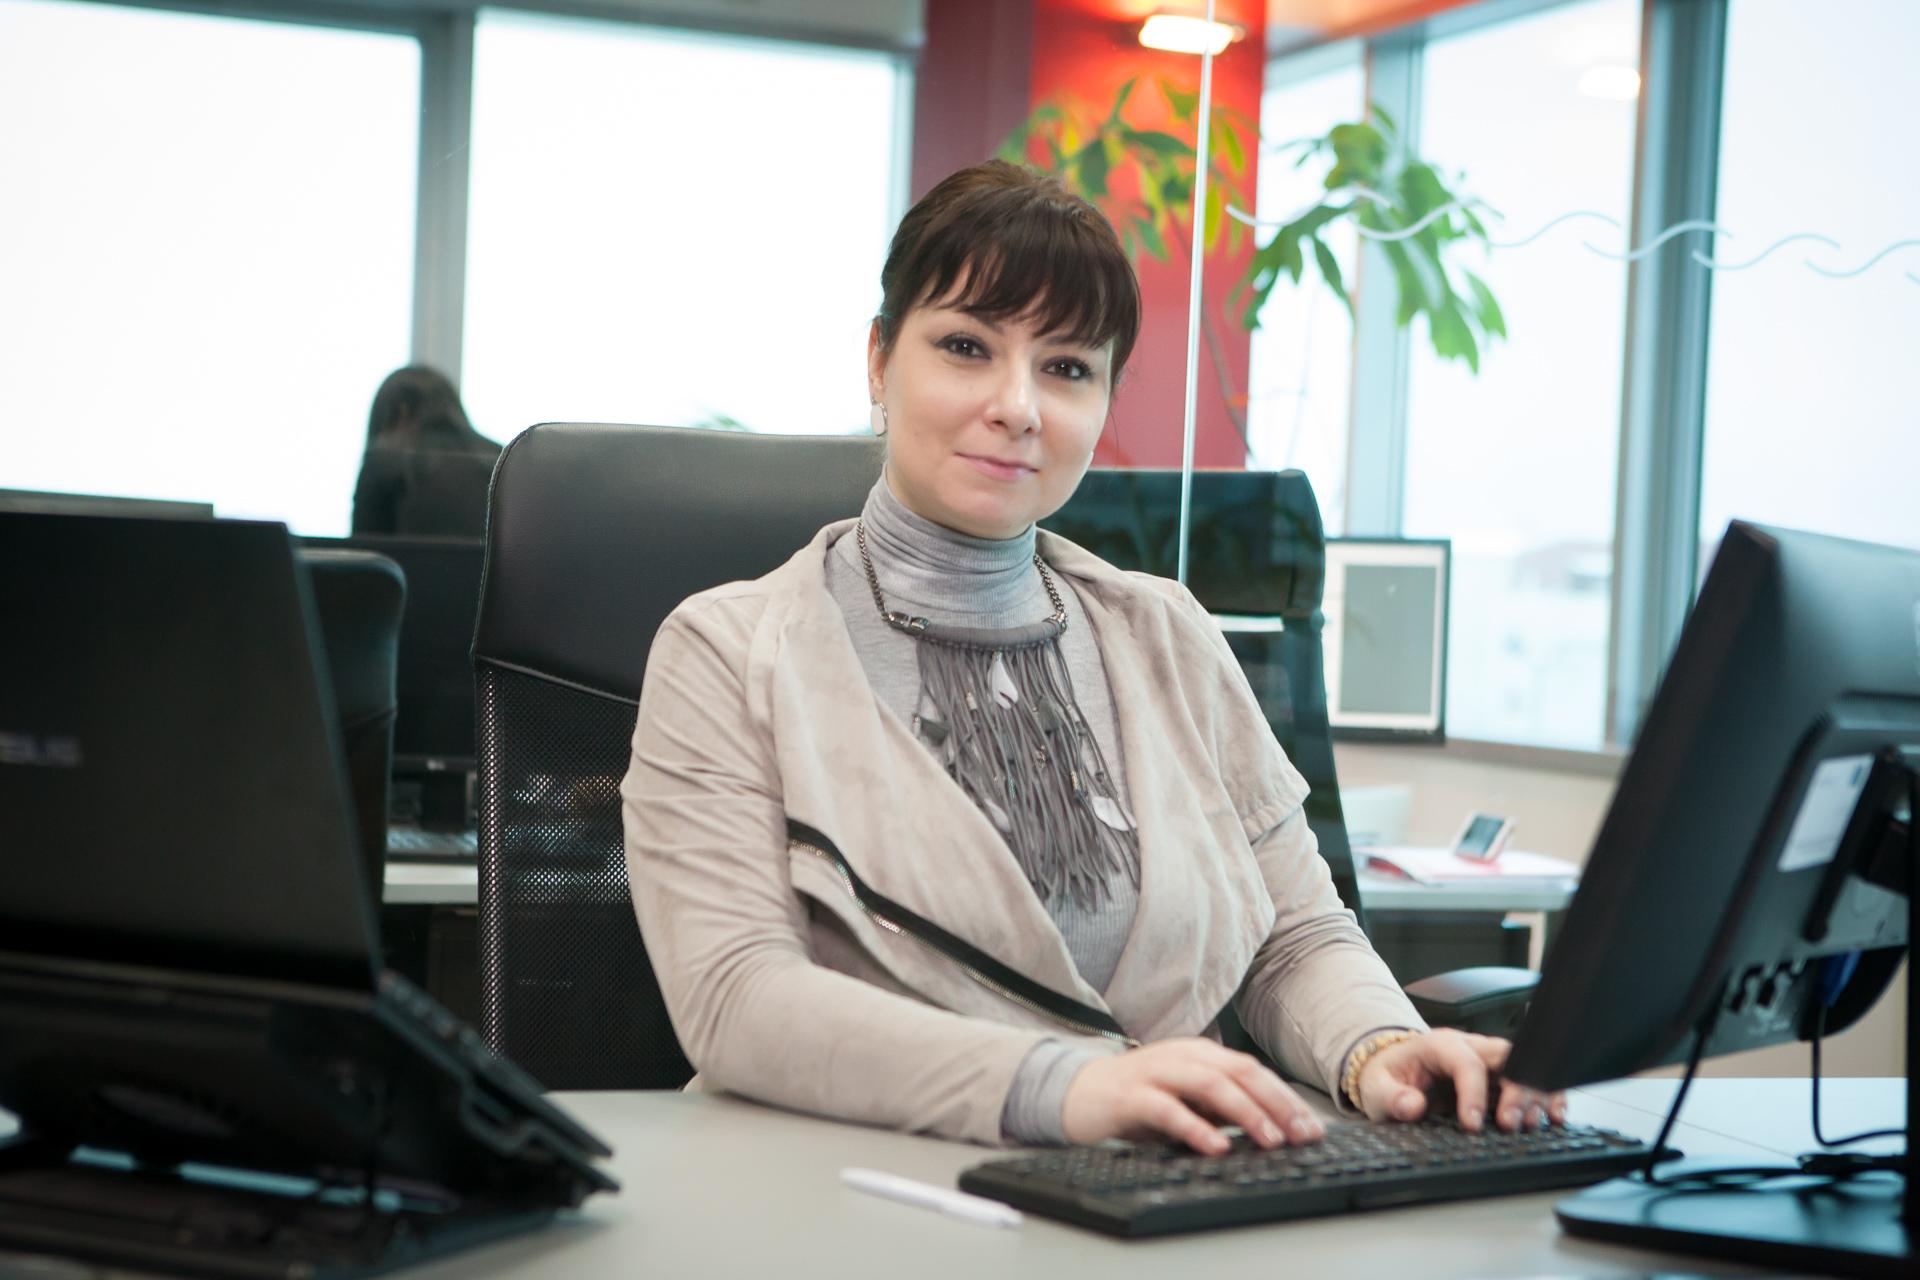 Livija Radić